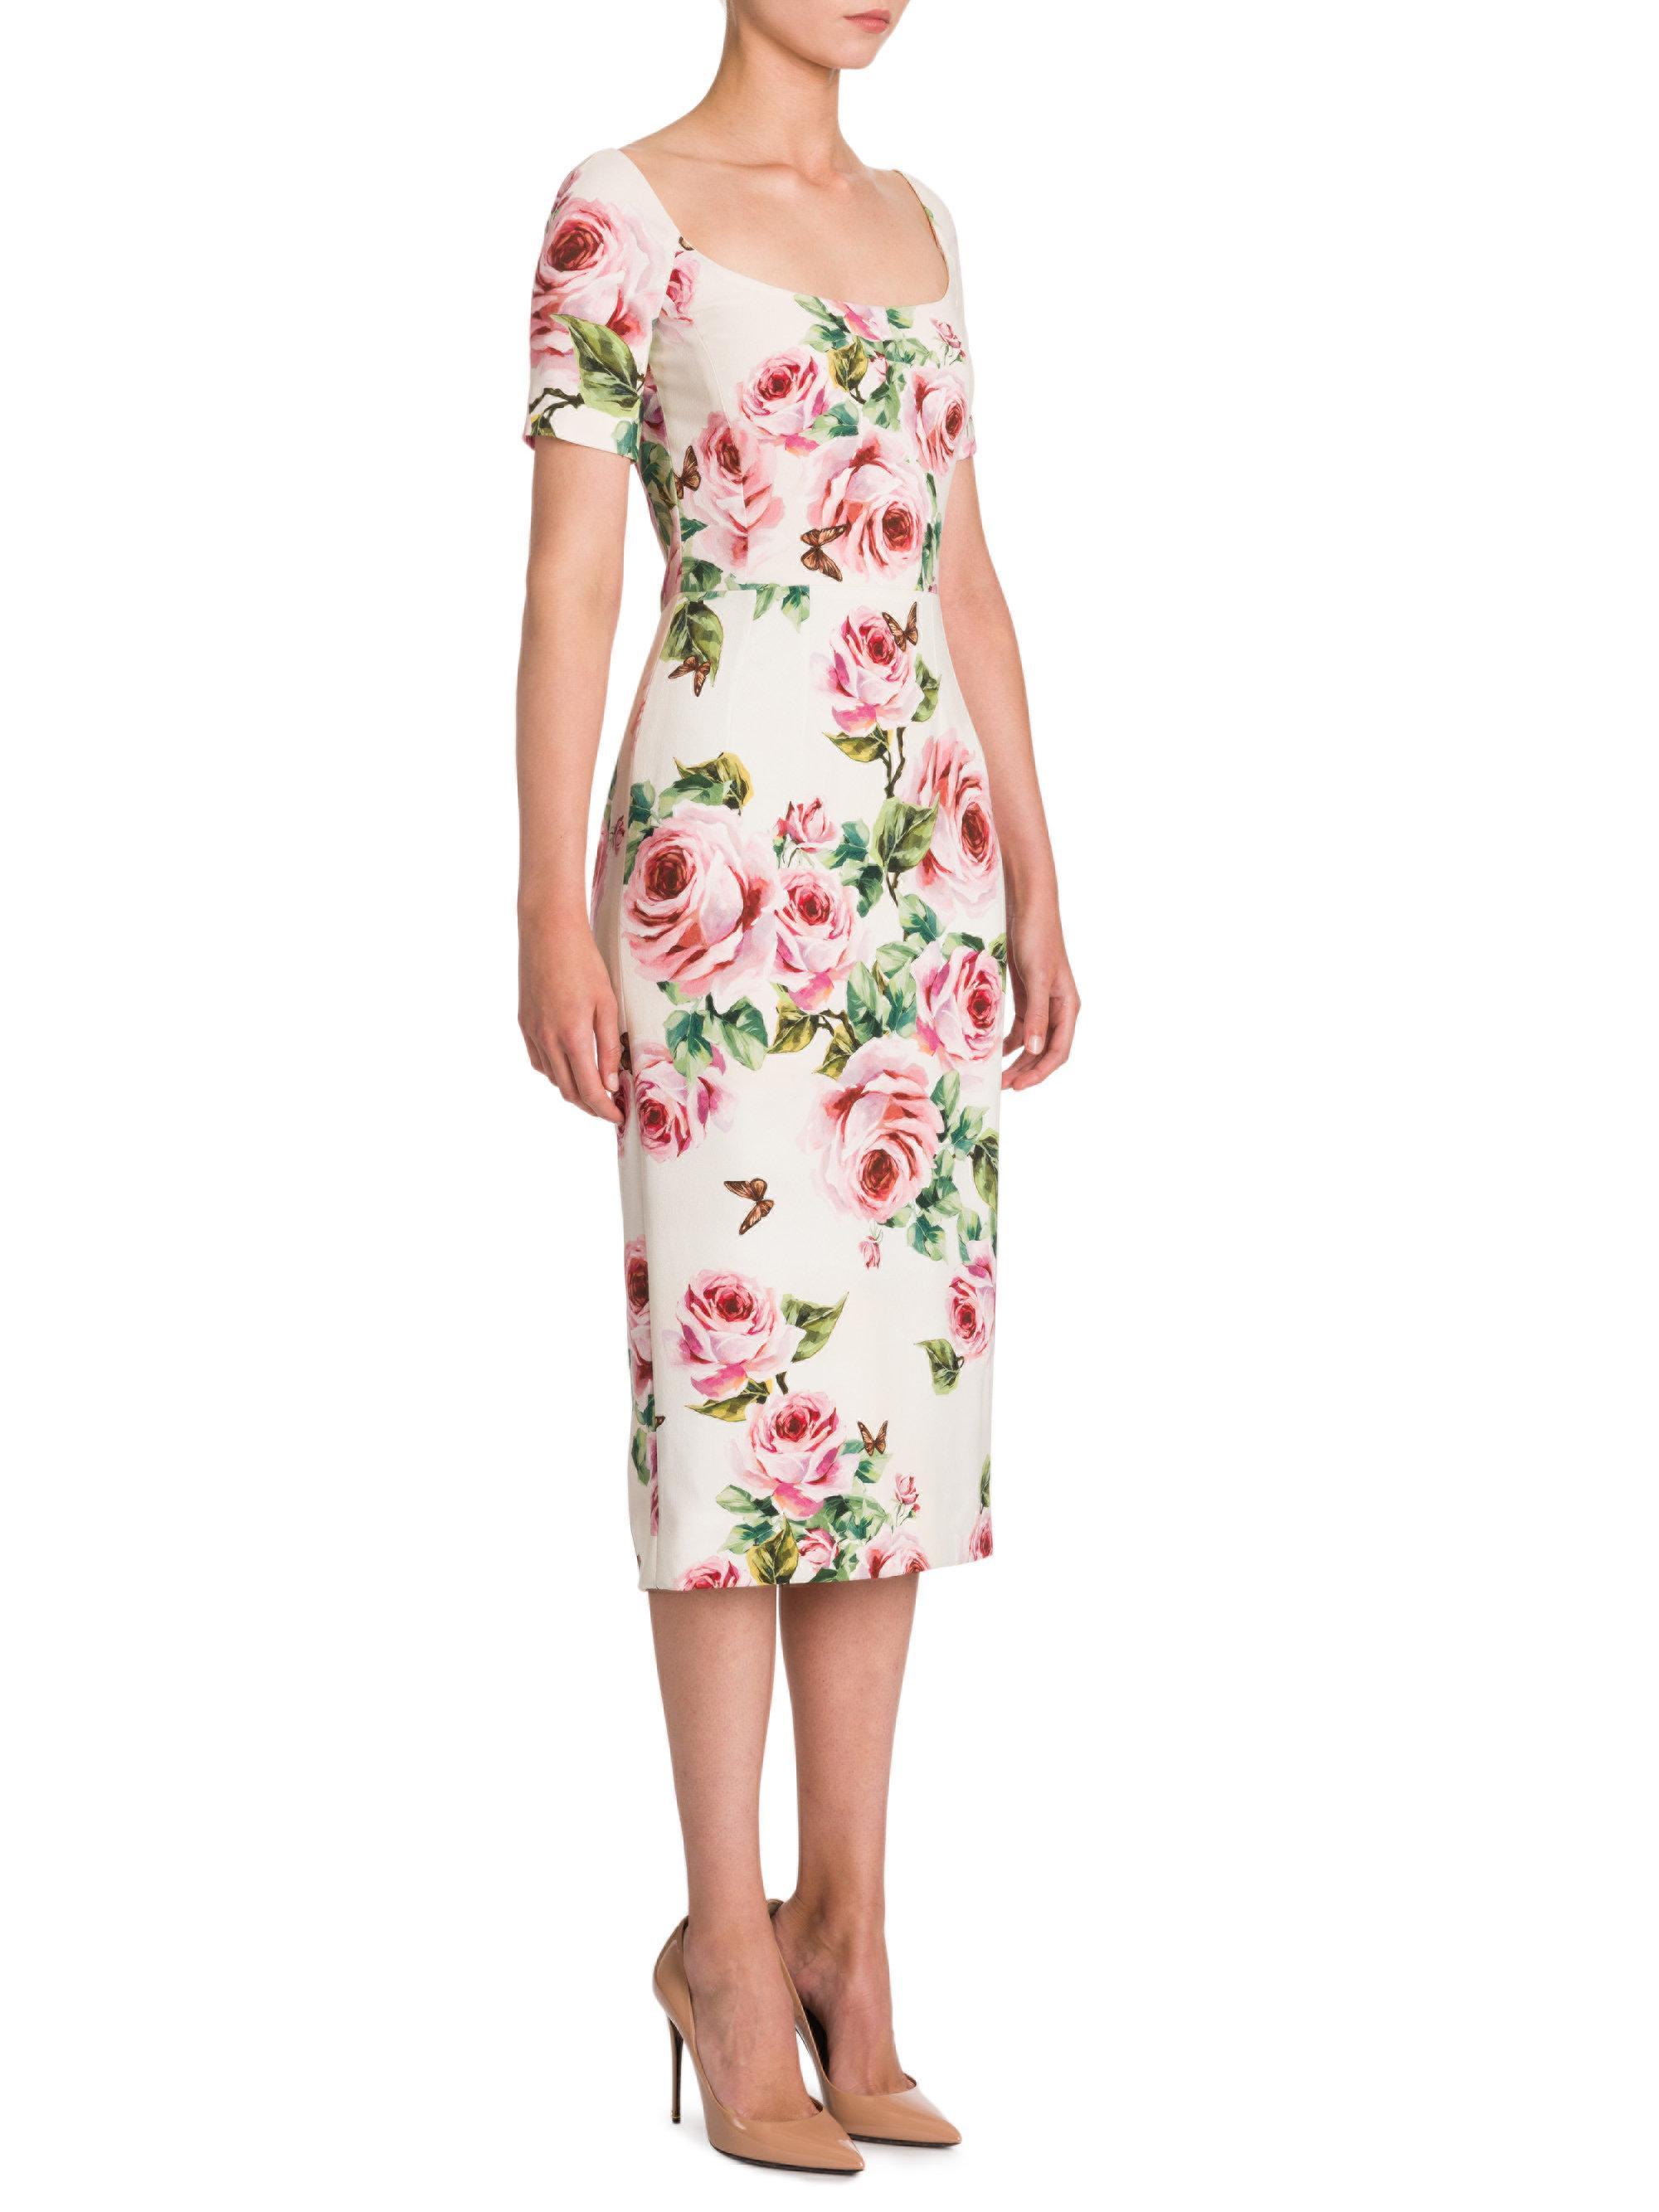 Dolce amp  Gabbana jewel print dress Buy Cheap Factory Outlet 79Bih ... 707024d88e